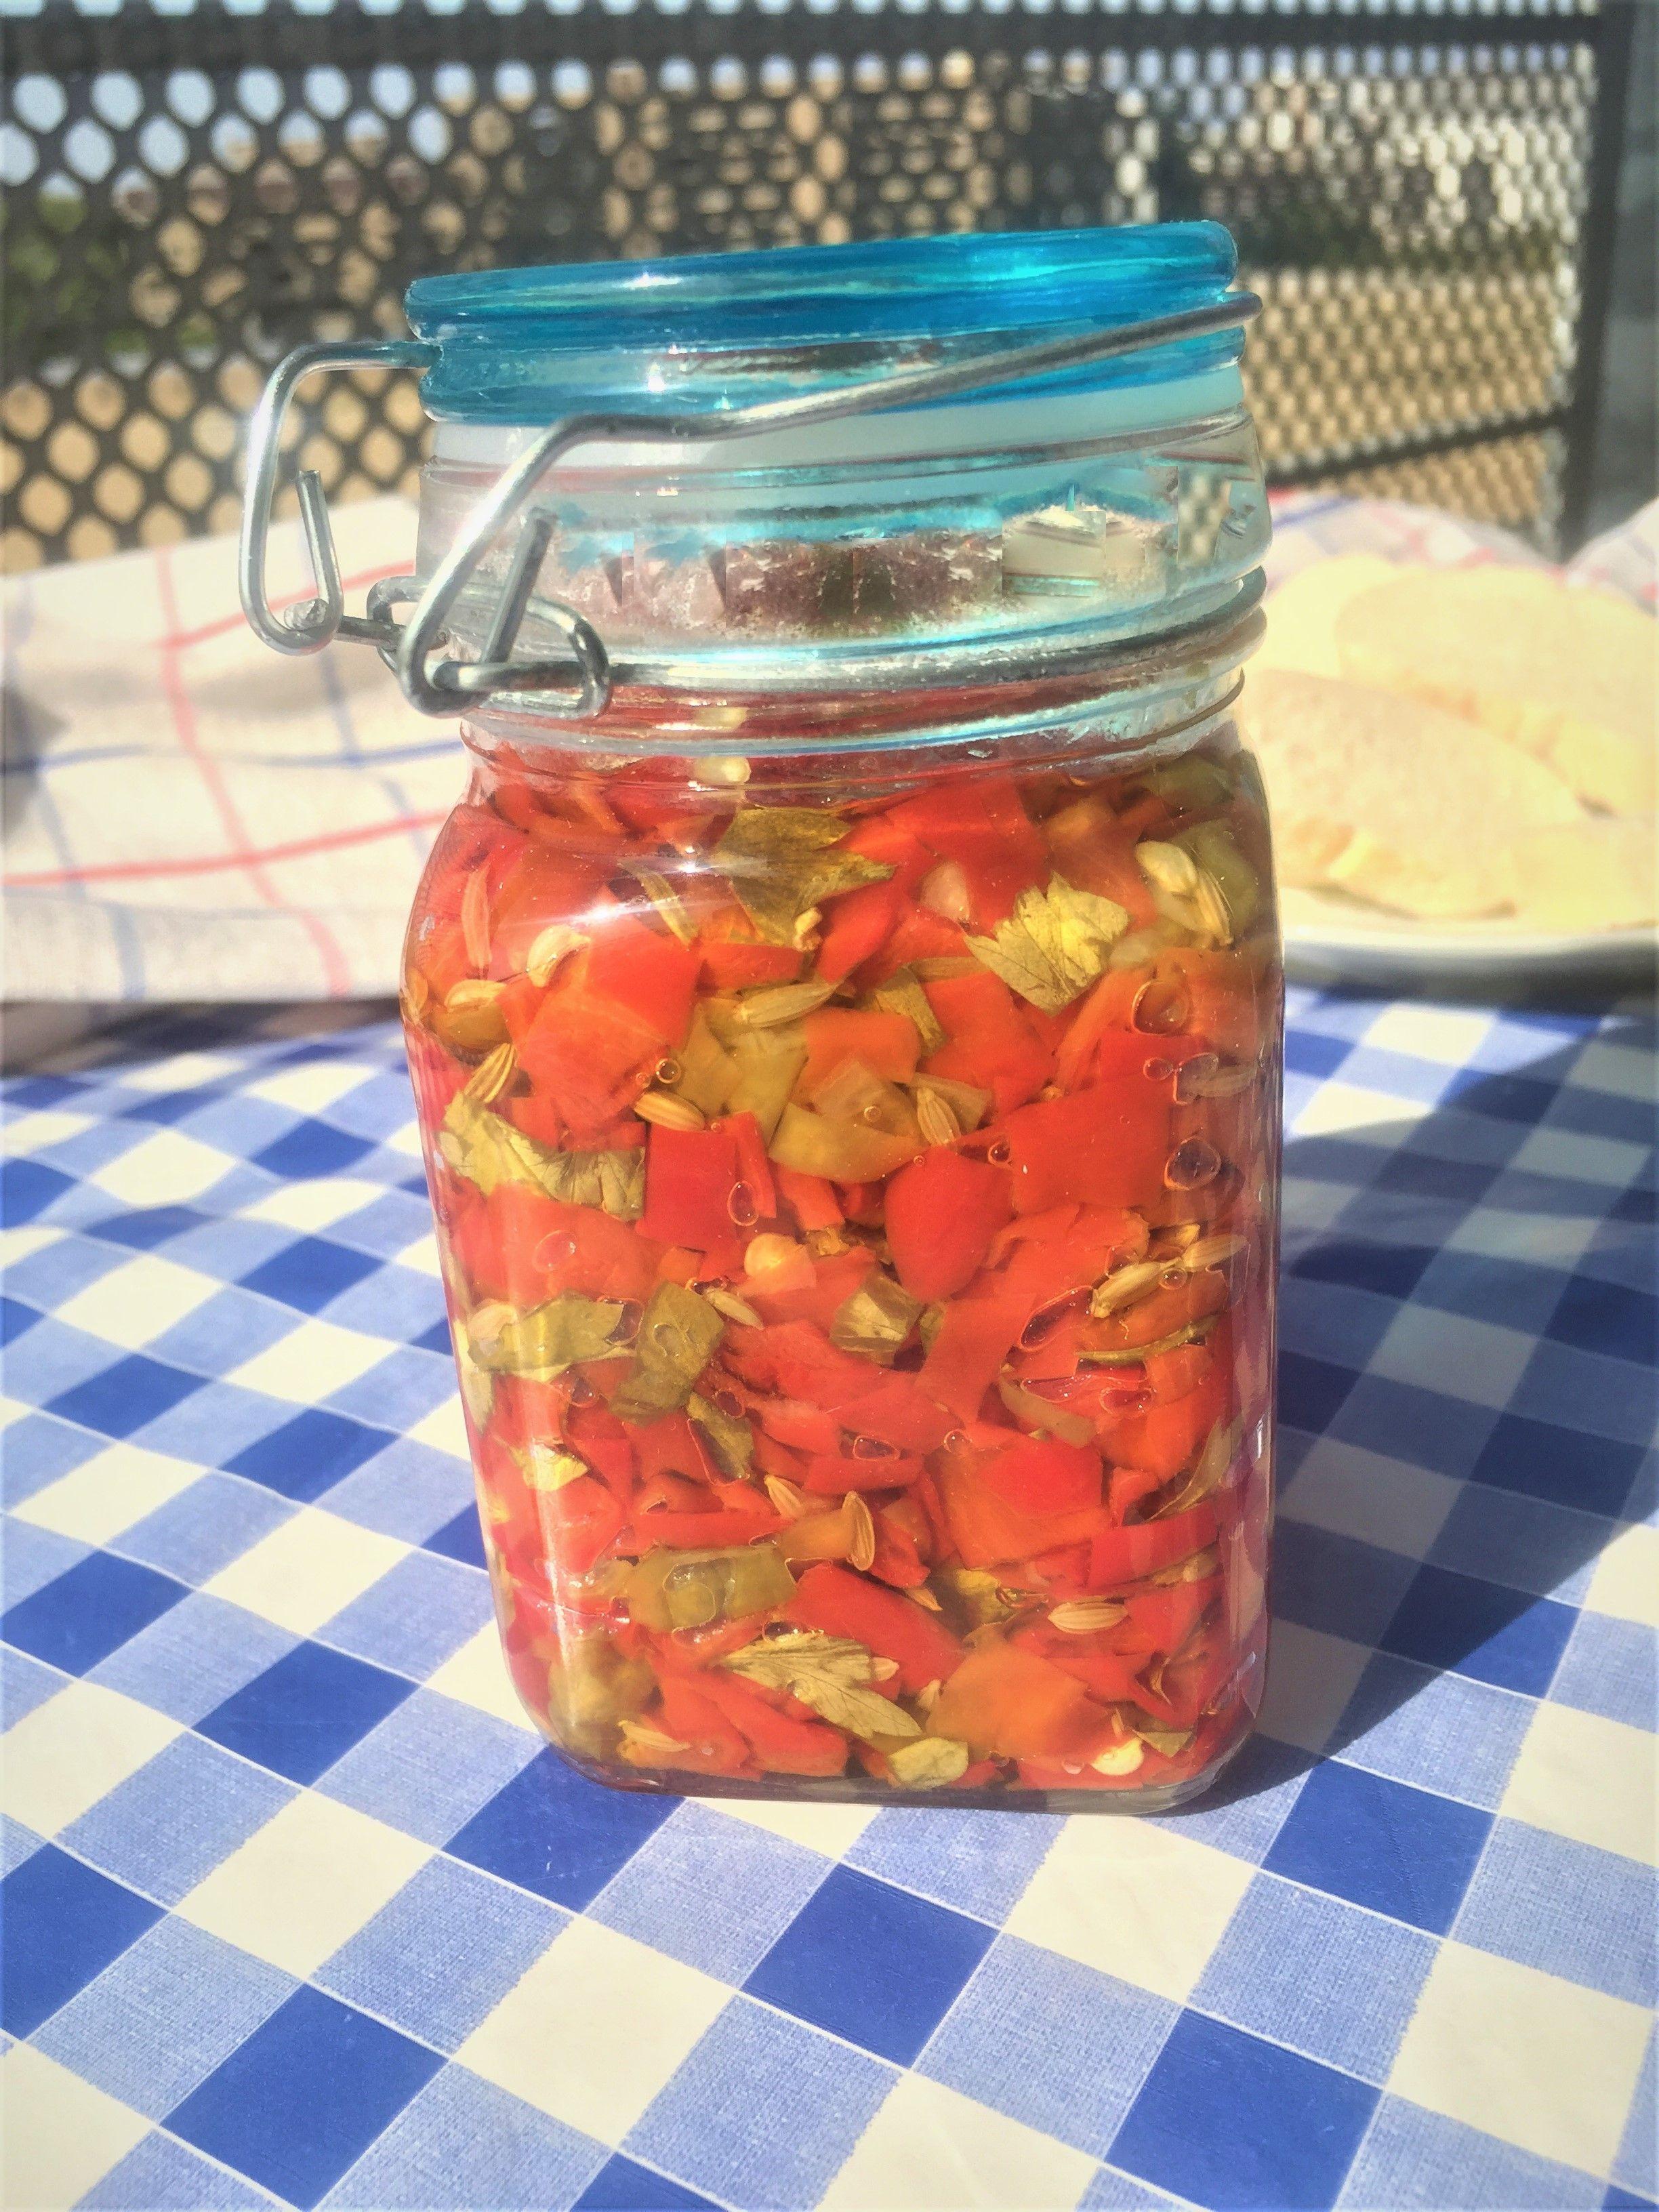 La Composta Di Peperoni Allungati Ricetta Pugliese Acasadigery Ricetta Ricette Peperoni Cibo Etnico